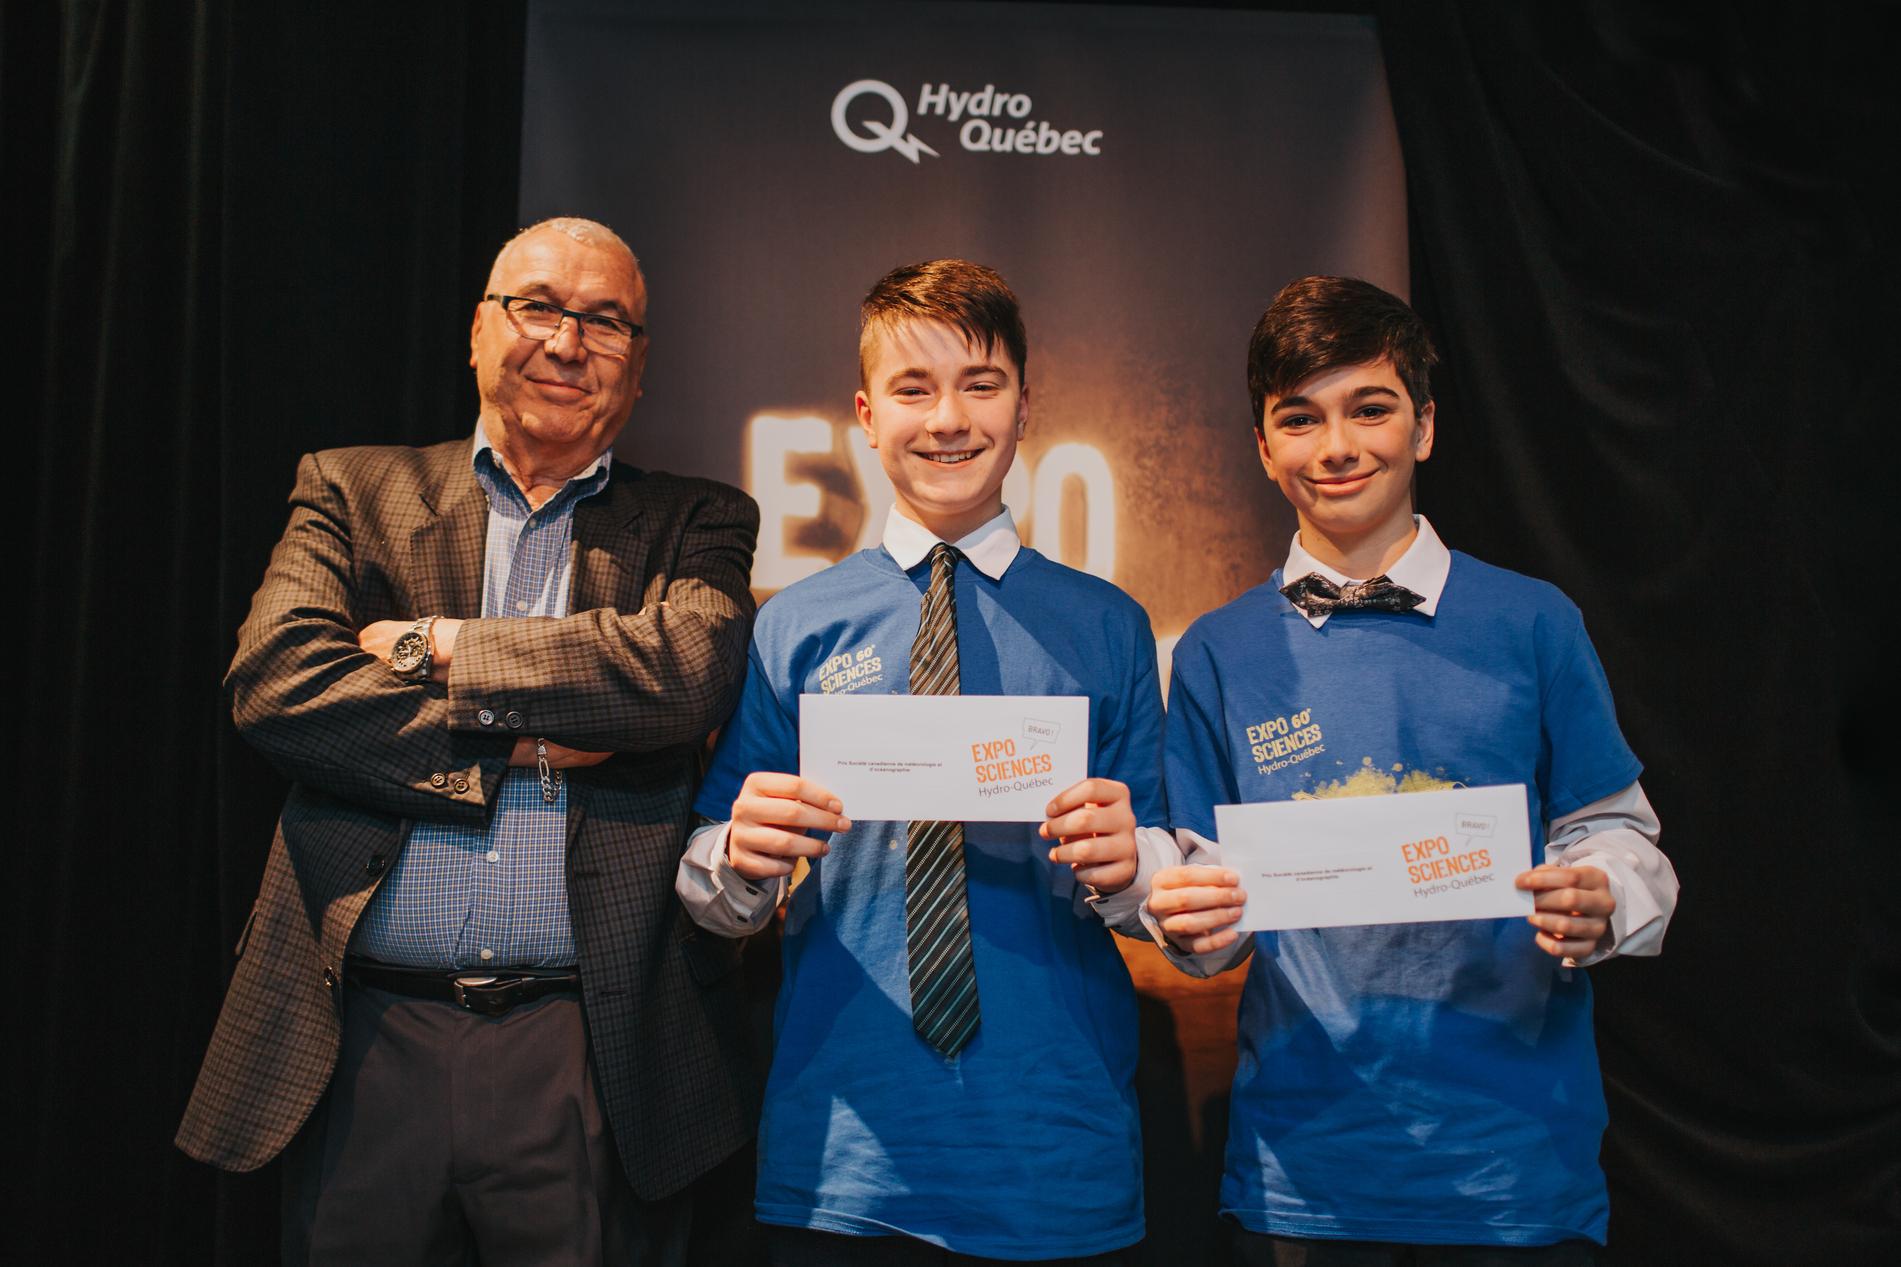 Olivier Maltais et Tristan Lalancette, lauréats de la finale 2020 de la Rive-Nord, accompagnés de Rabah Hammouche, trésorier de la SCMO-Montréal.